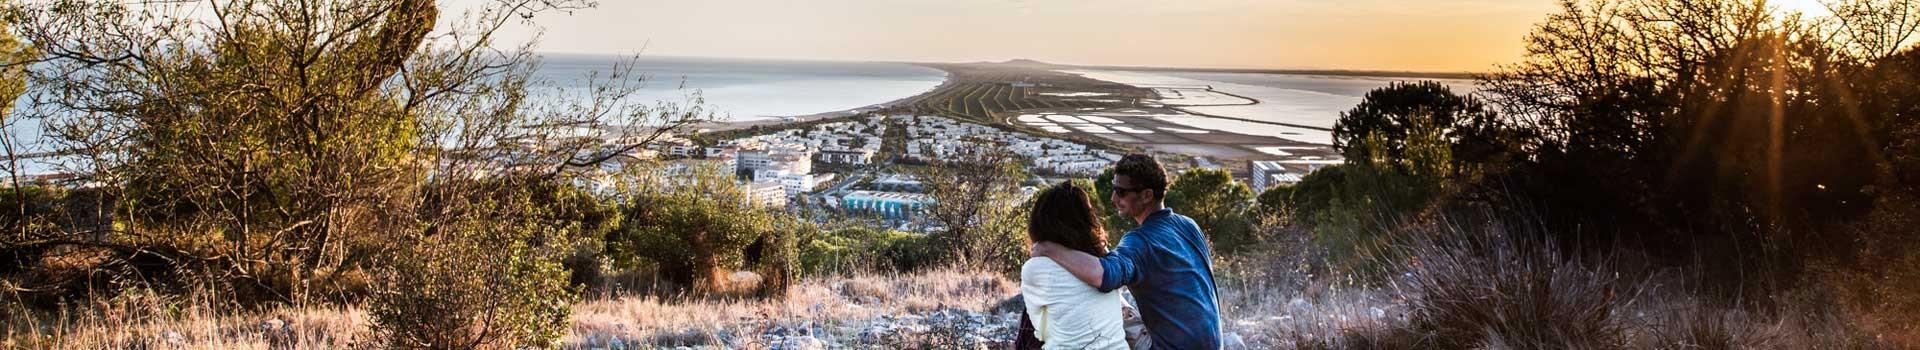 Forêt des pierres blanches - Sète